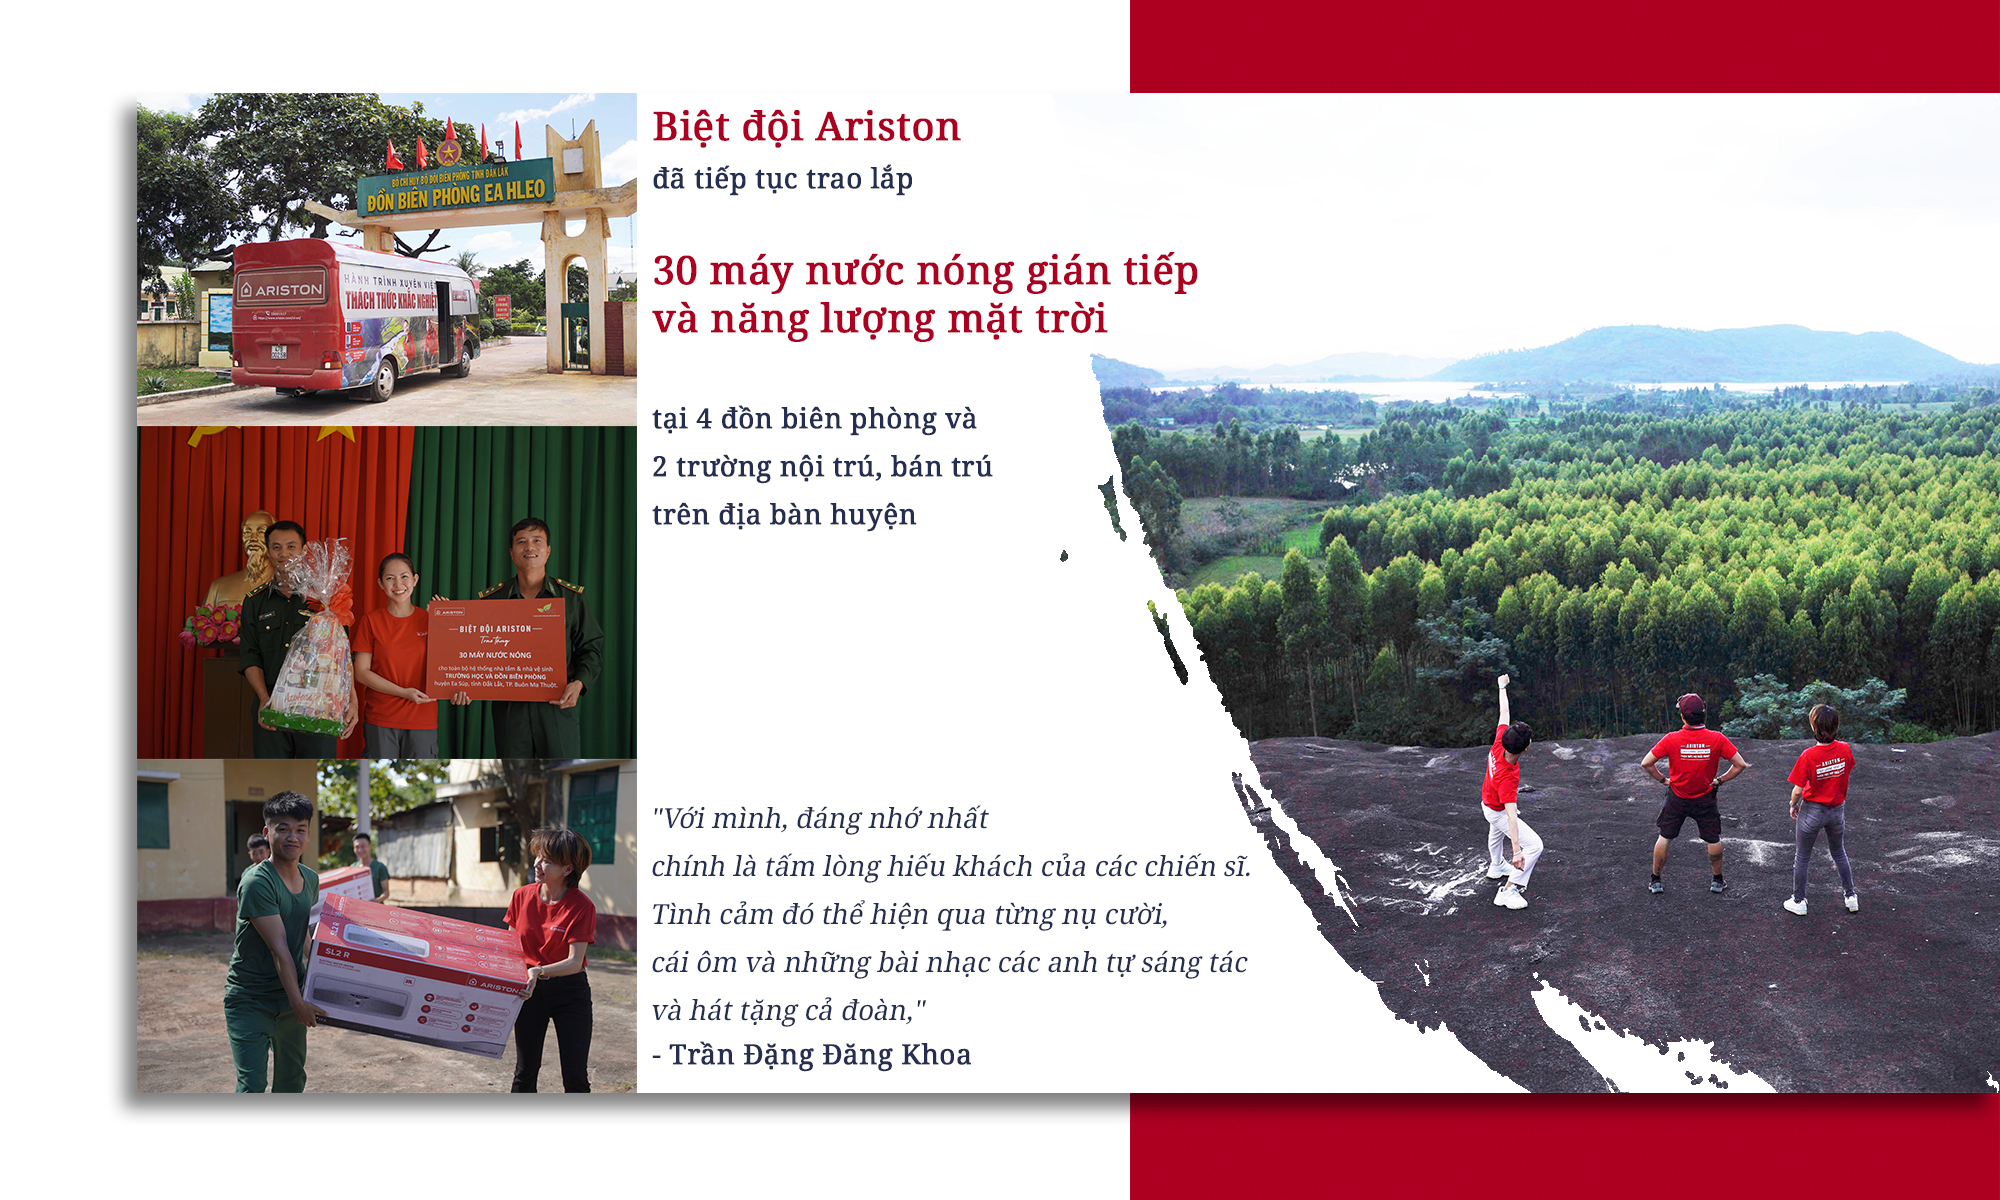 Những con số ấn tượng của Ariston và hành trình mang lại sự thoải mái cho mỗi người dân tại Việt Nam - Ảnh 8.